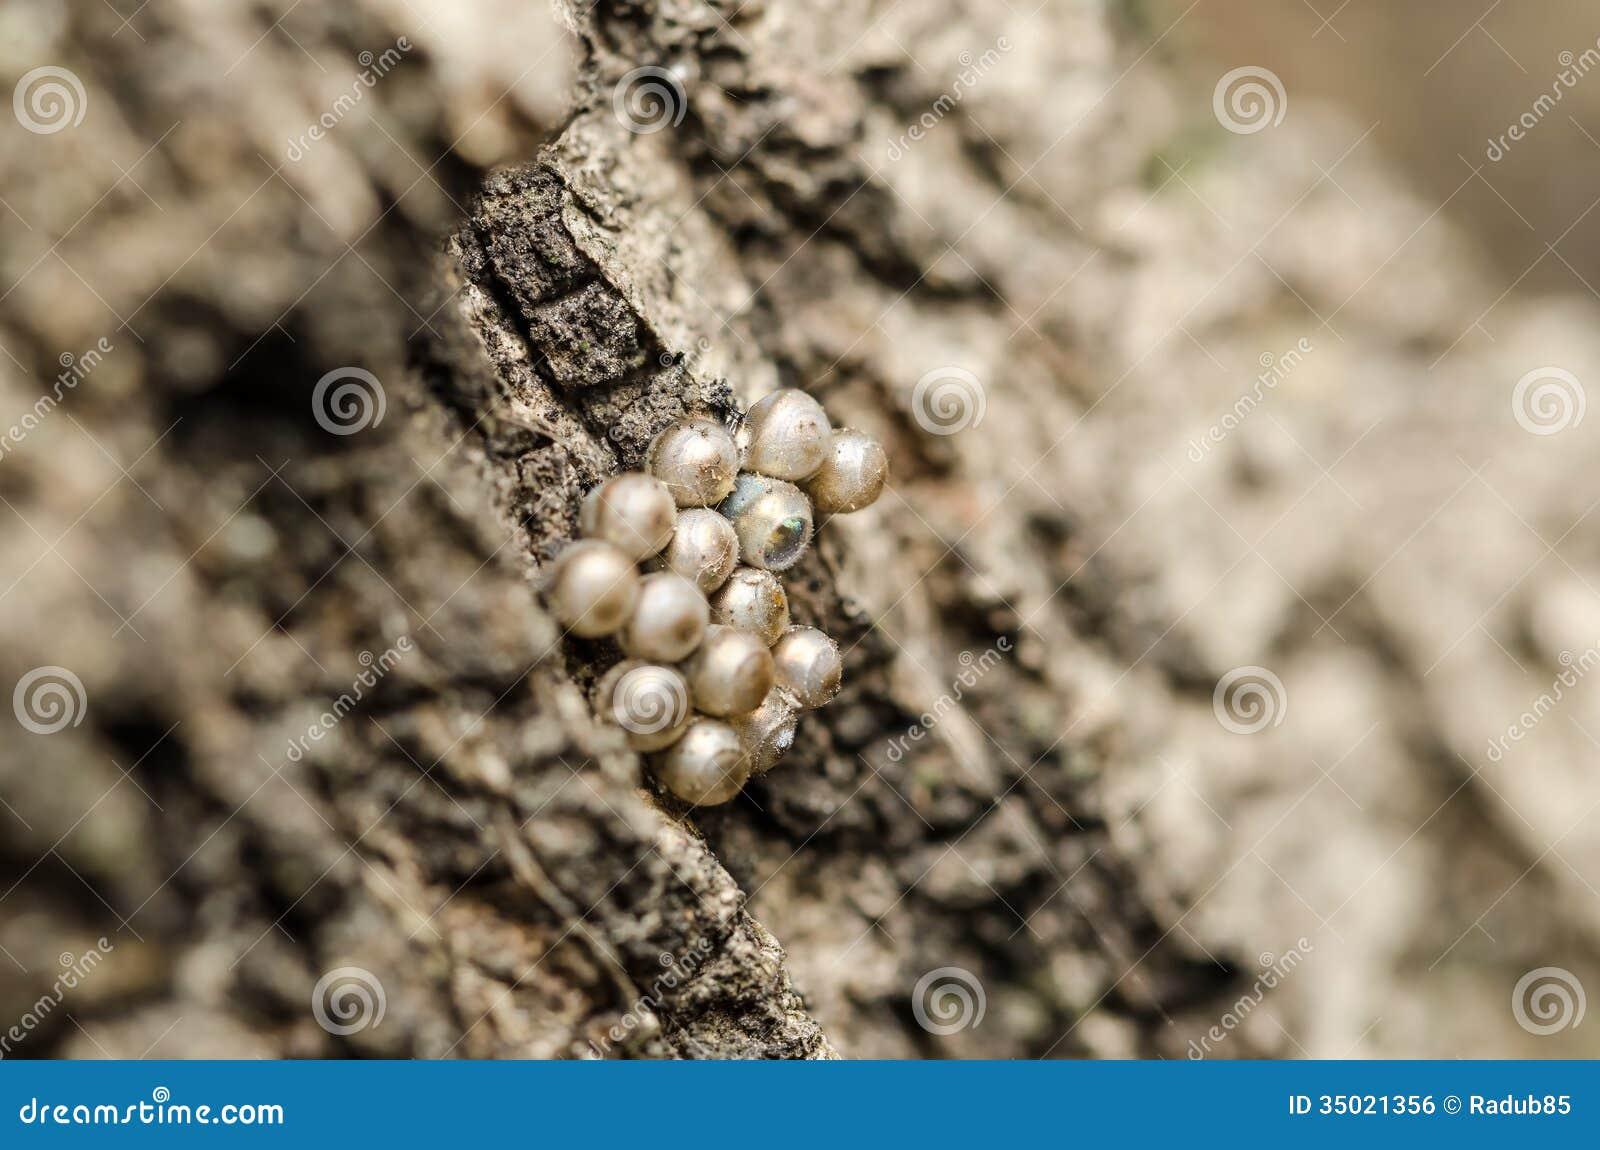 Insect Uitgebroed Ei onder Andere Unhatched Degenen